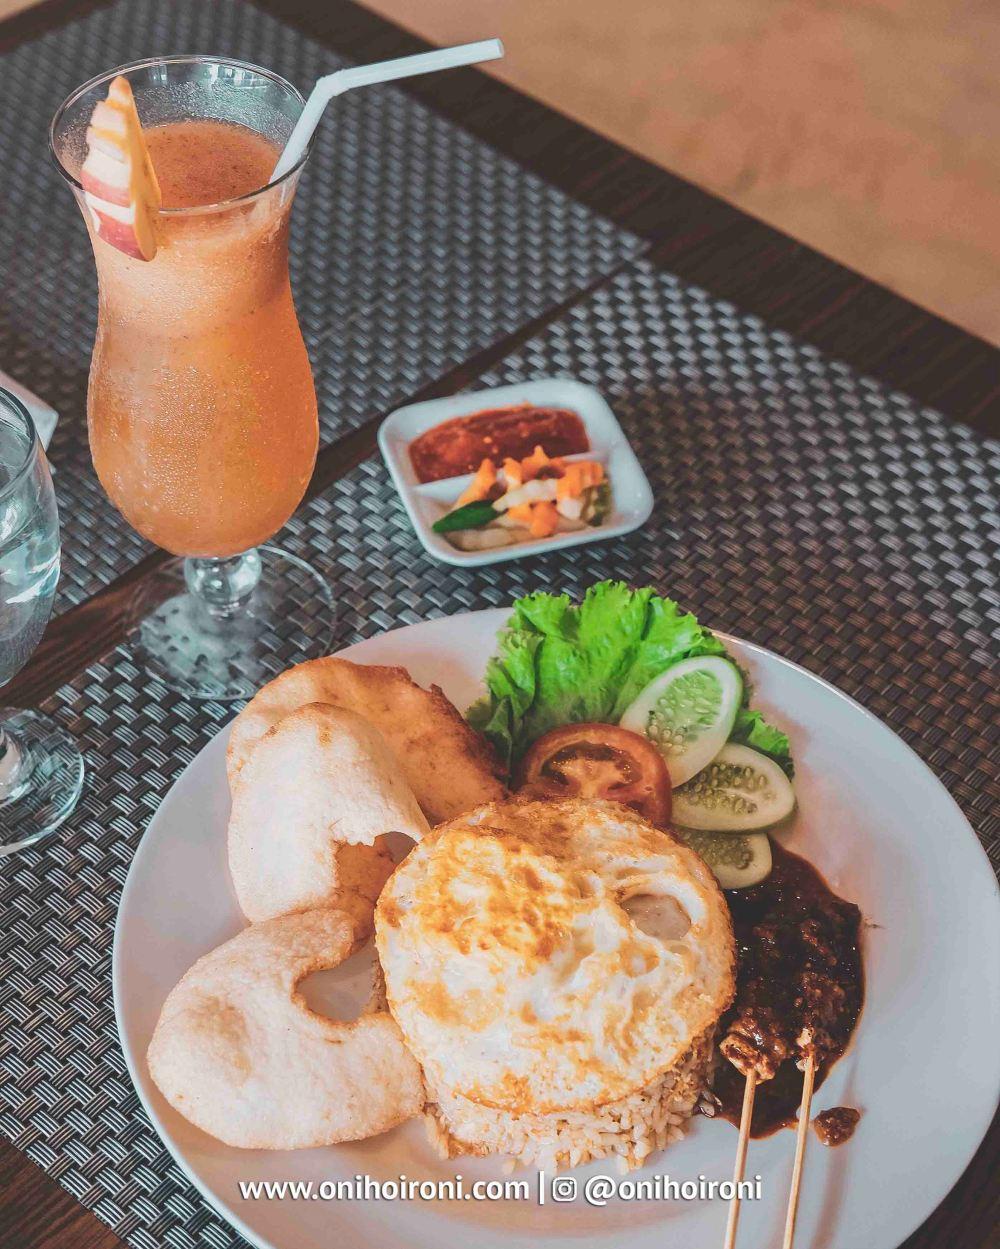 4 Food M One Hotel Sentul Bogor, Onihoironi